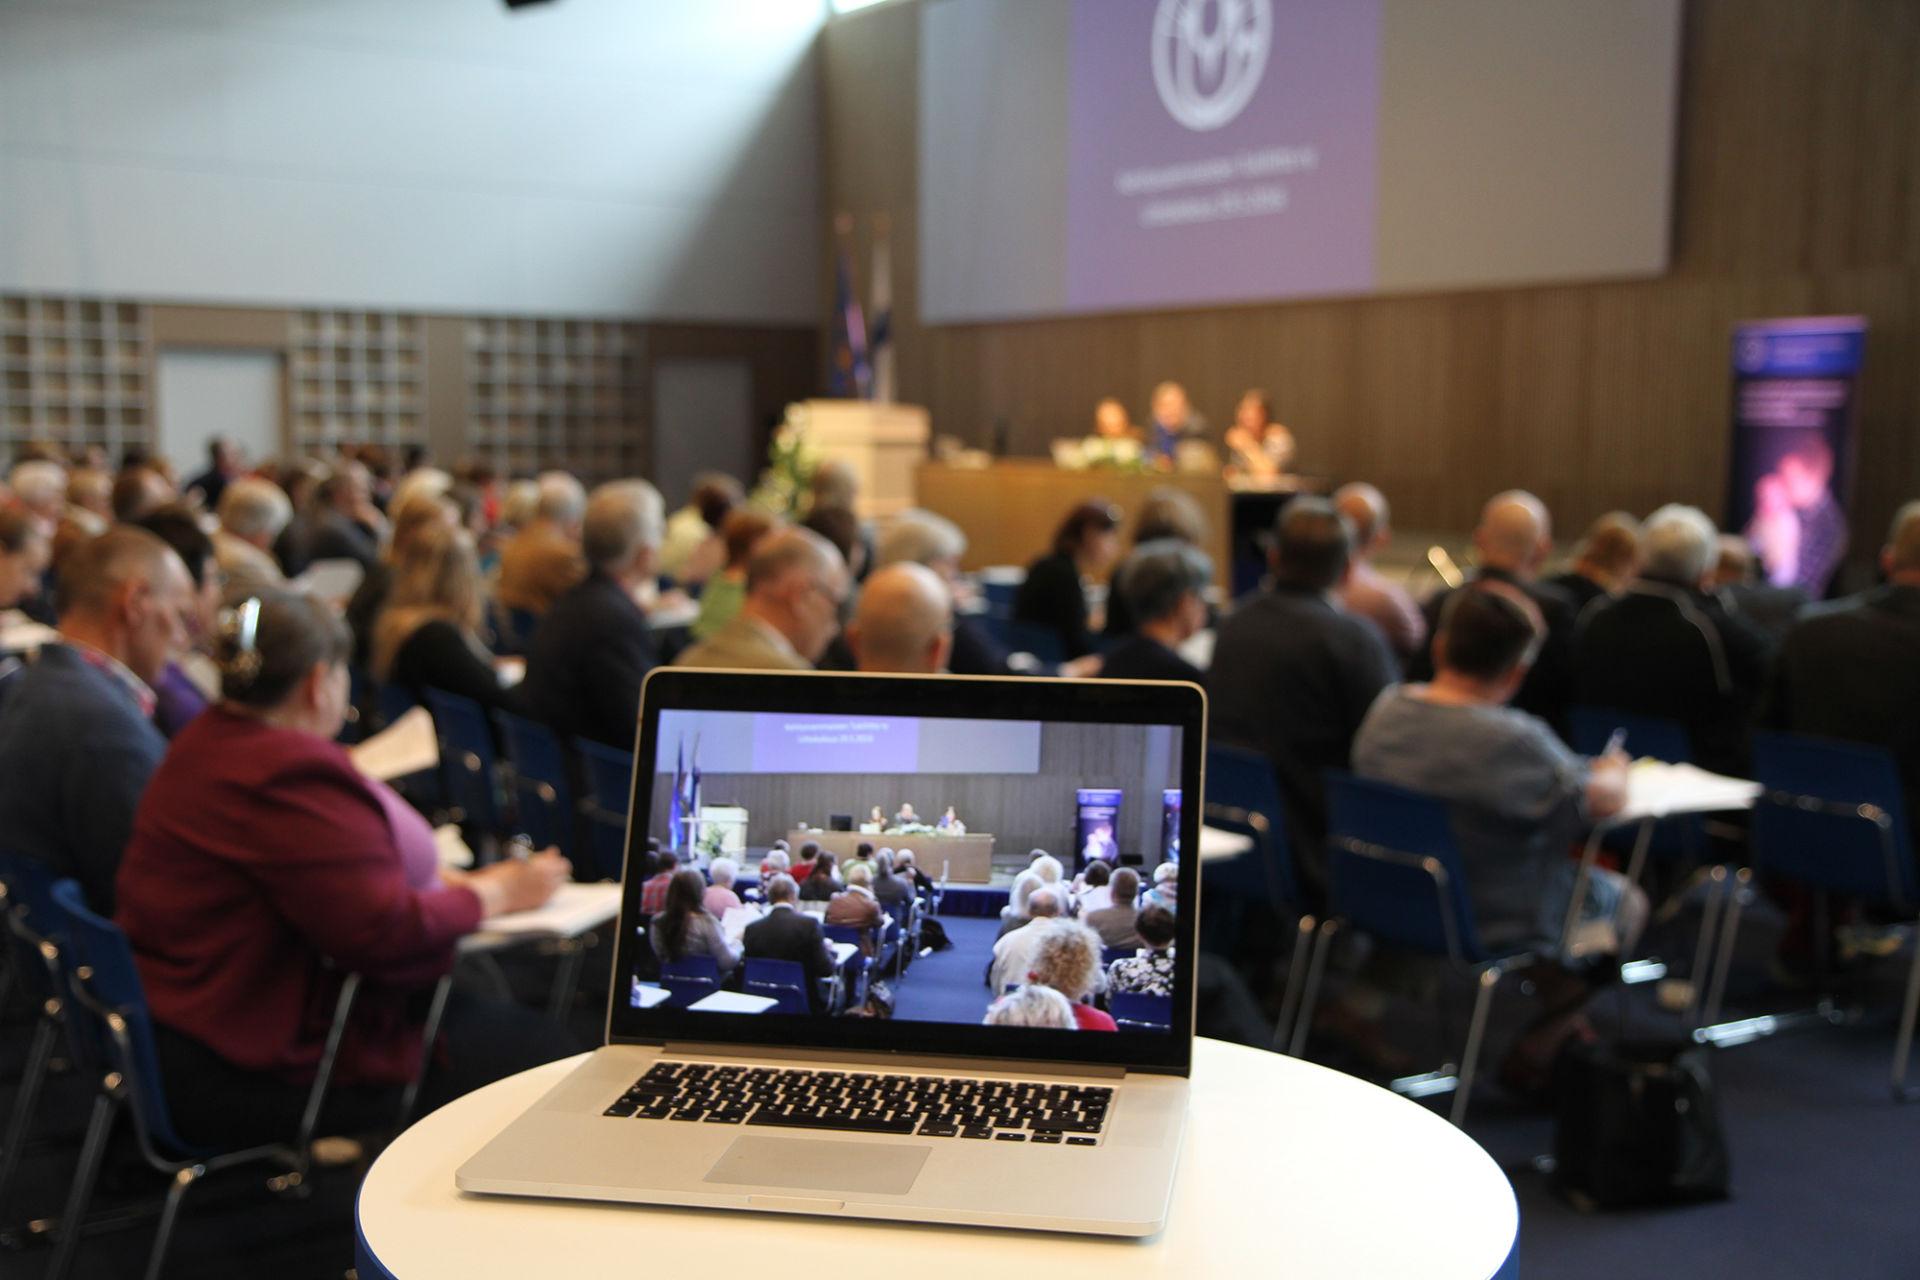 Yleiskuva liittokokouksesta: ihmisiä istumassa